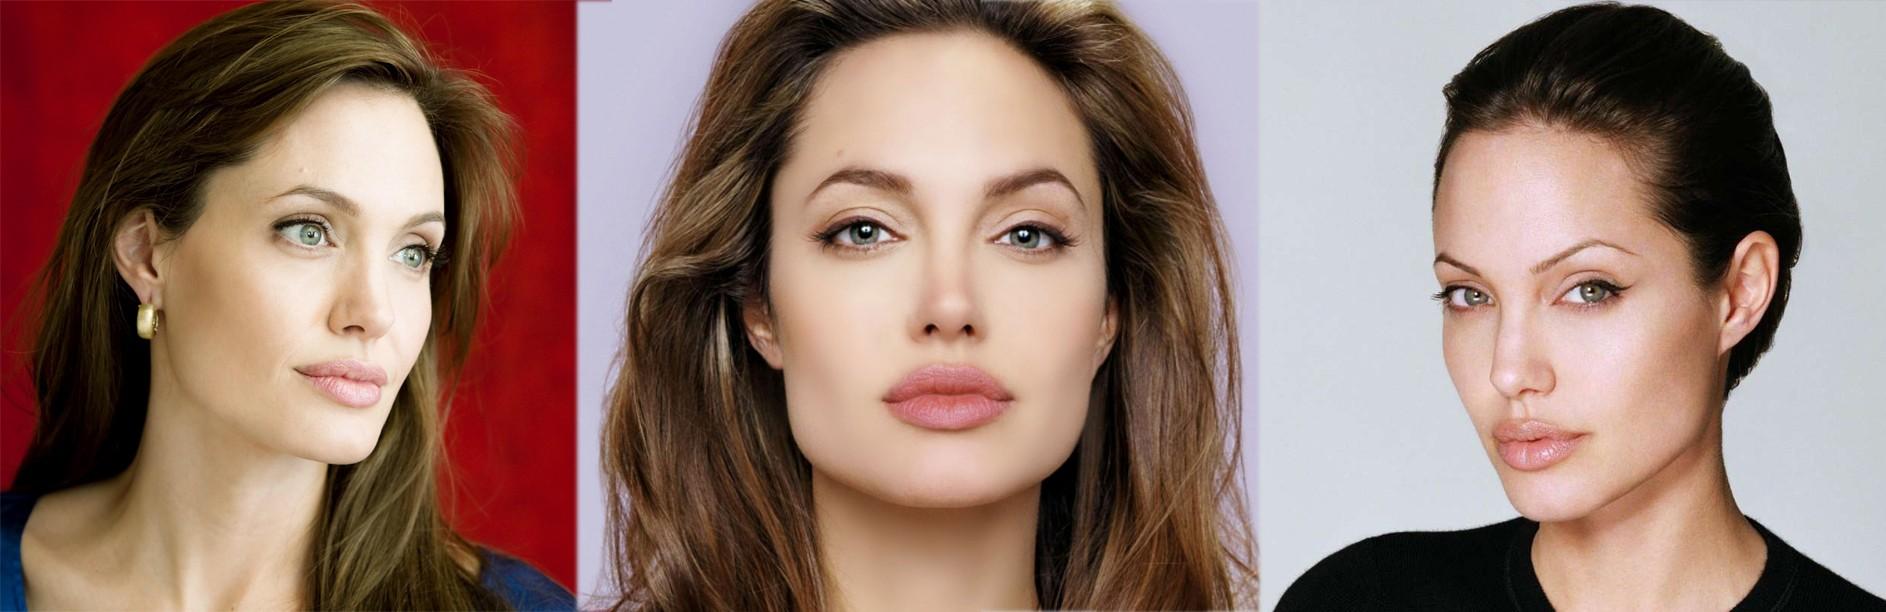 Естественный макияж Анджелины Джоли